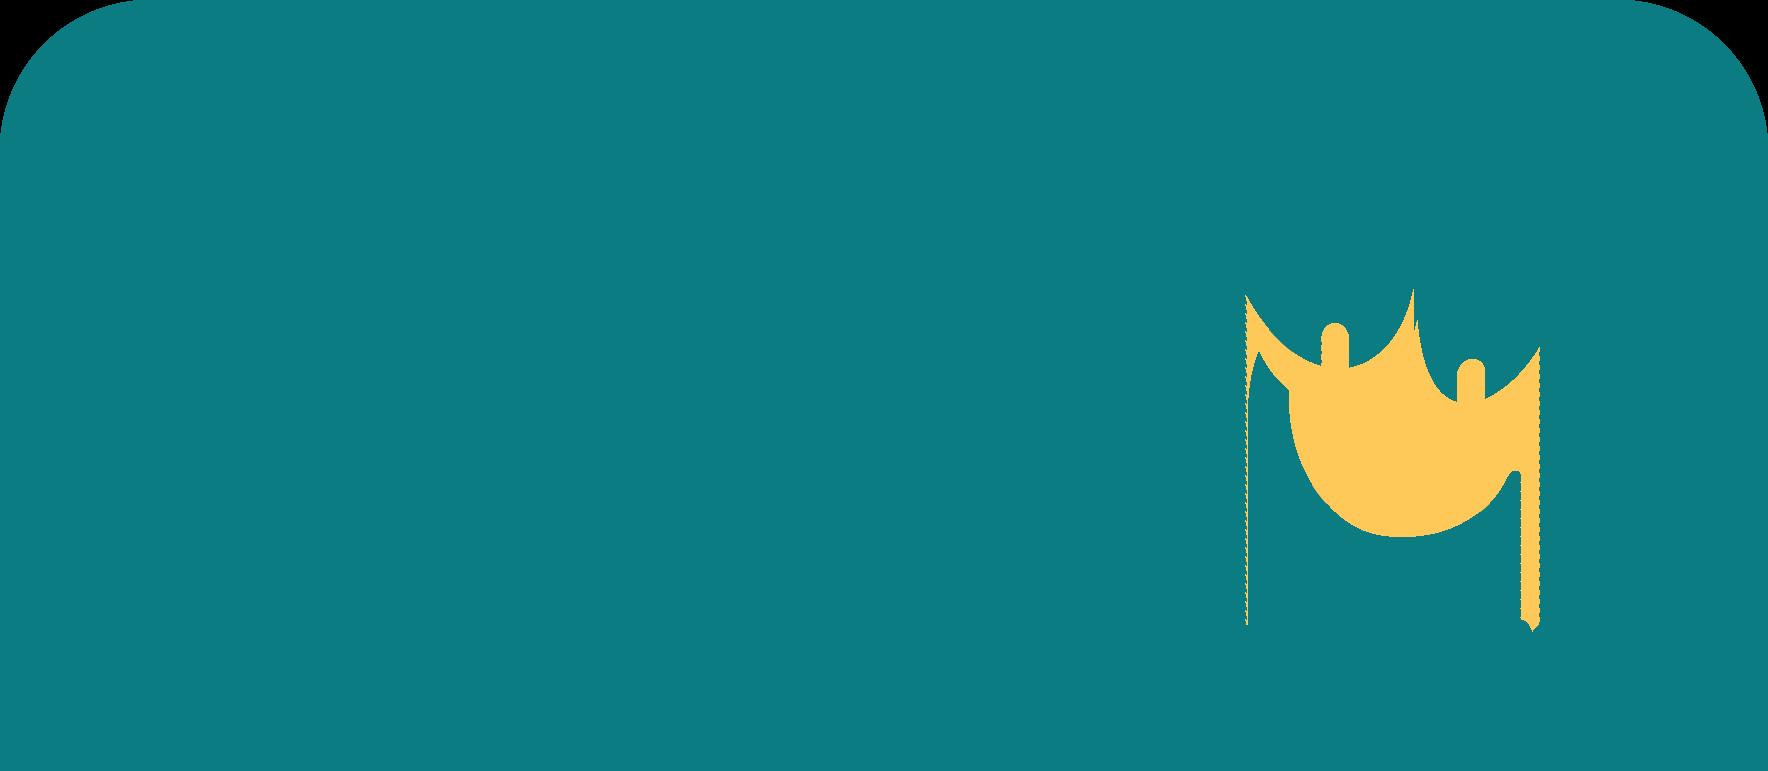 Certified WEBNC - Women's Business Enterprise